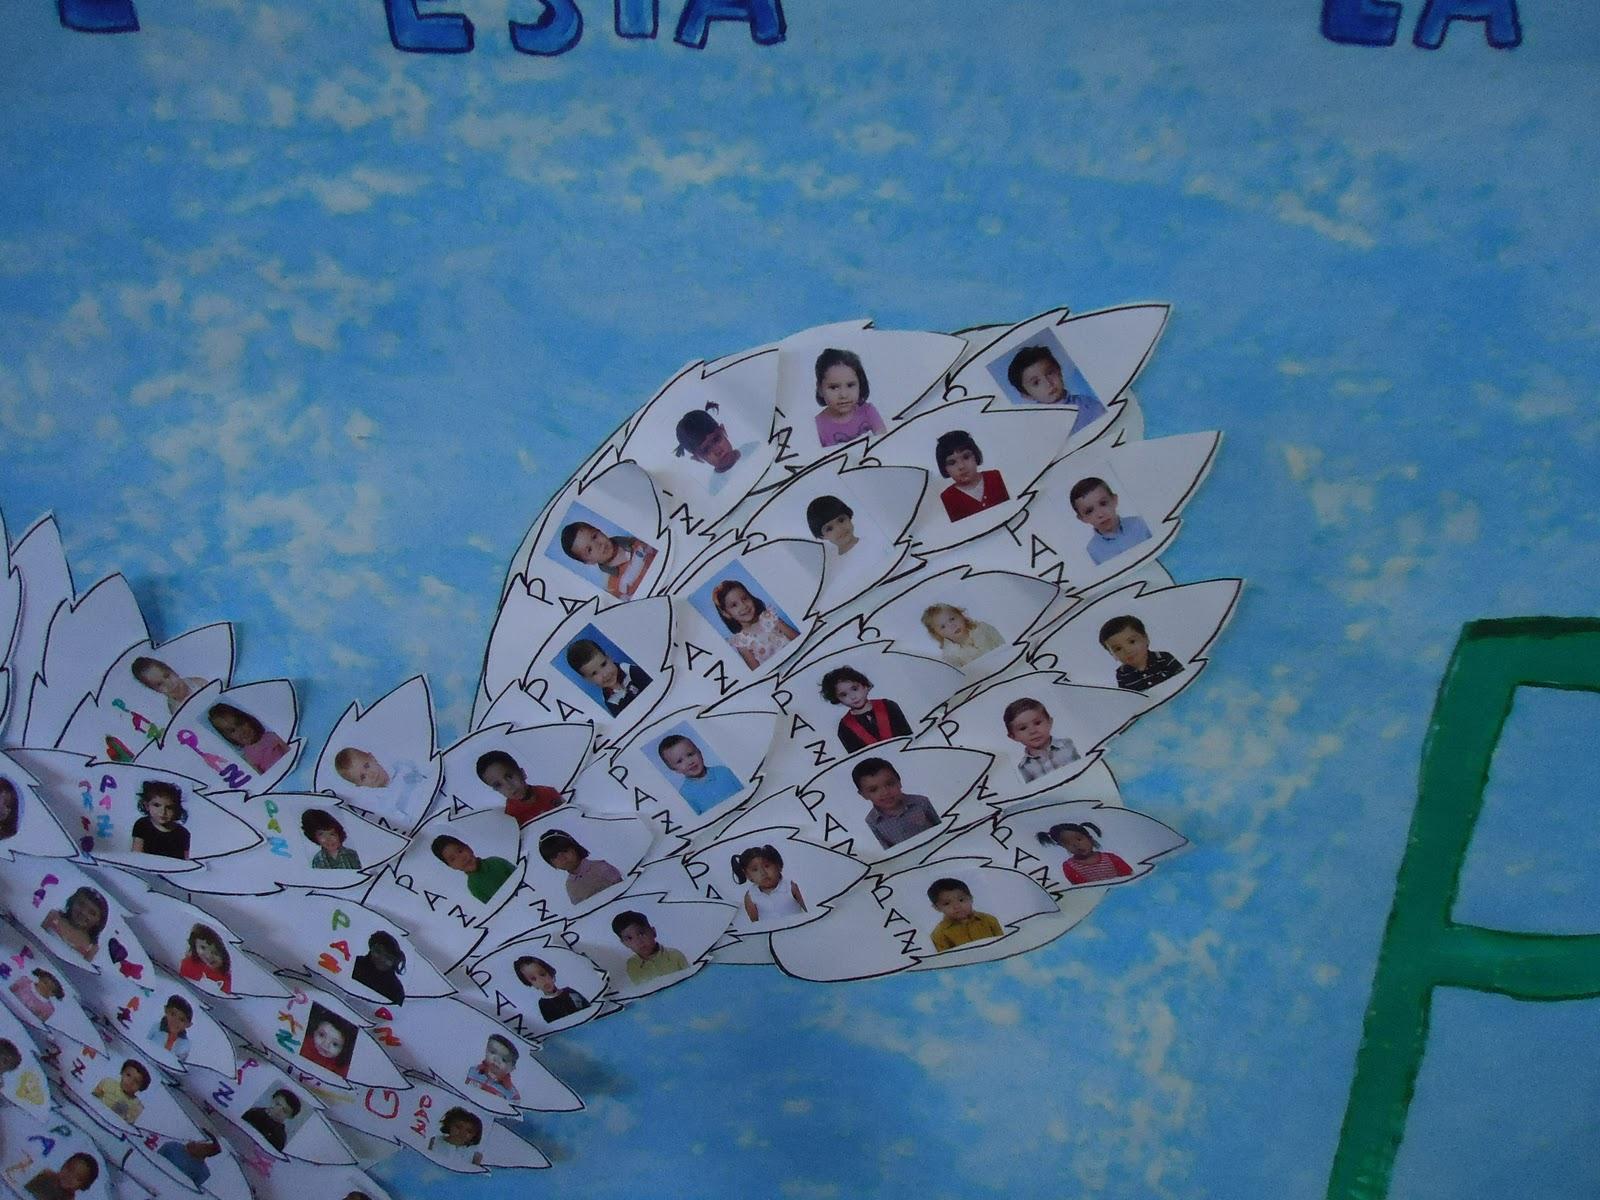 Alumna del 28 de mayo en el parque mamando guayaquil - 1 4